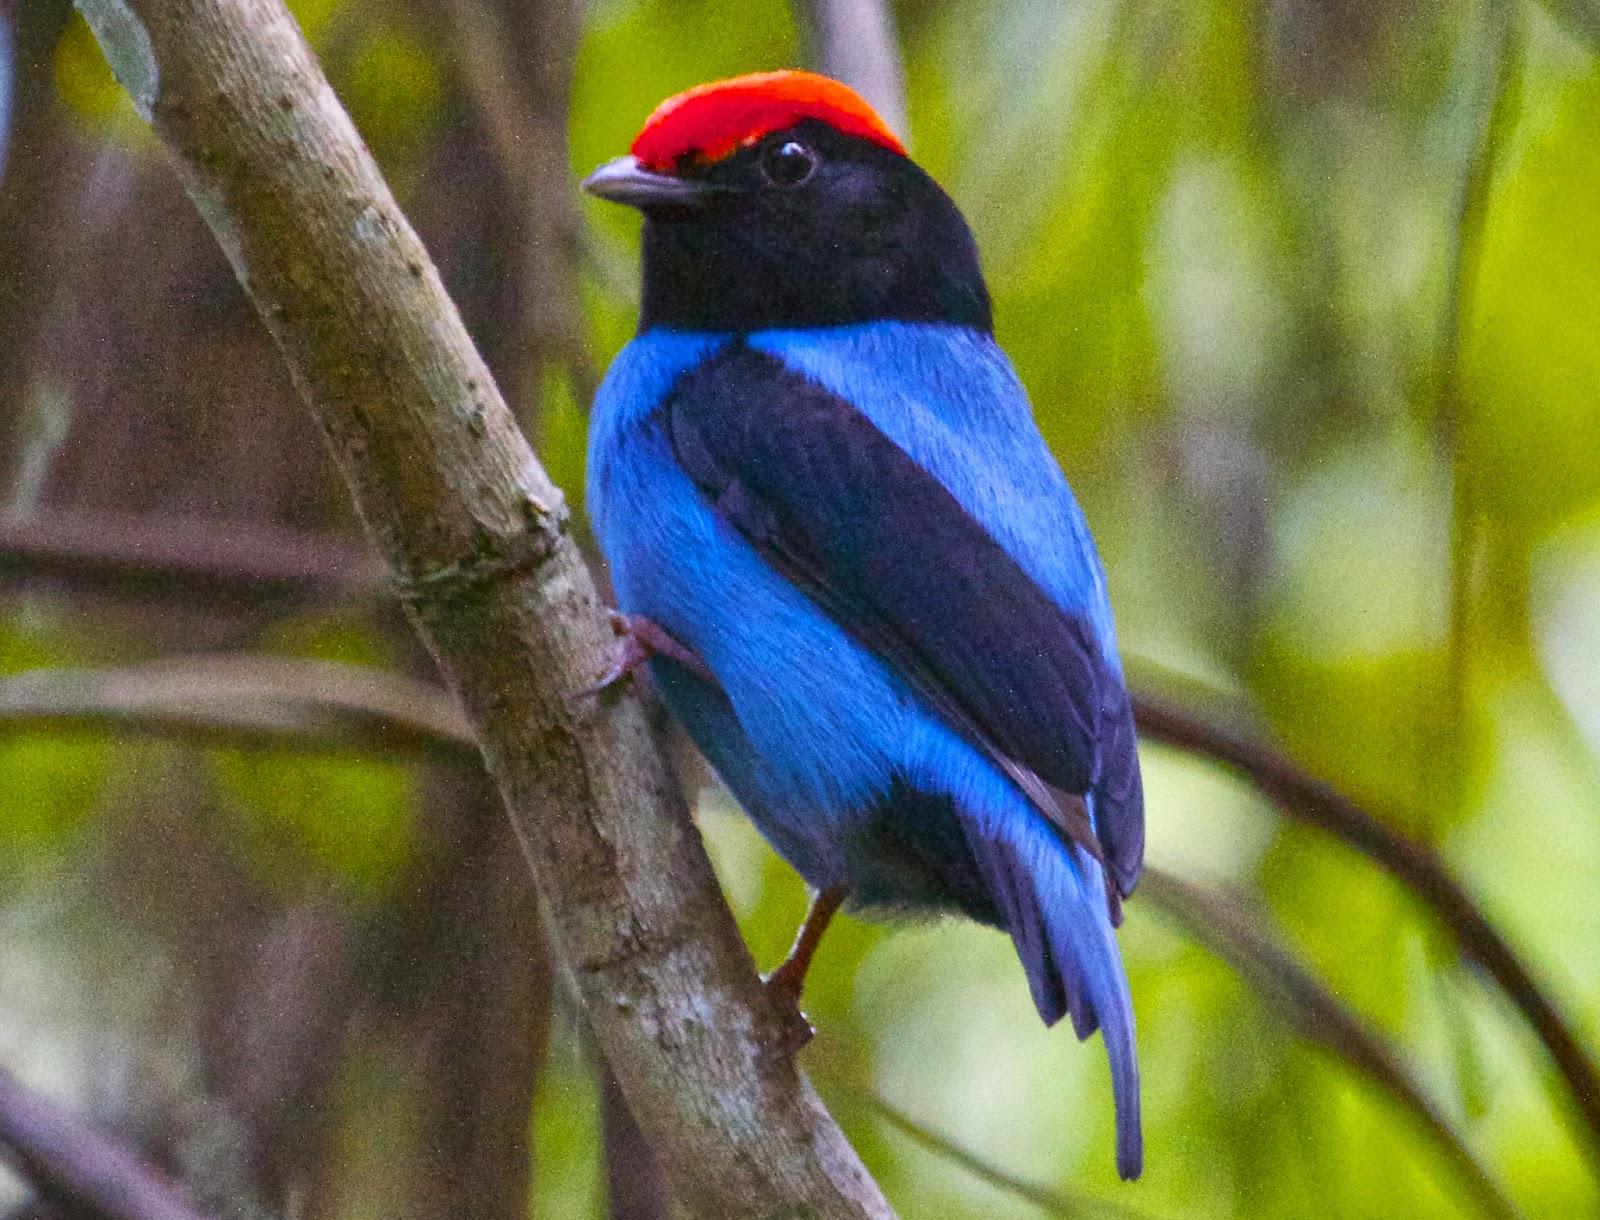 Pássaro Tangará (Chiroxiphia caudata)